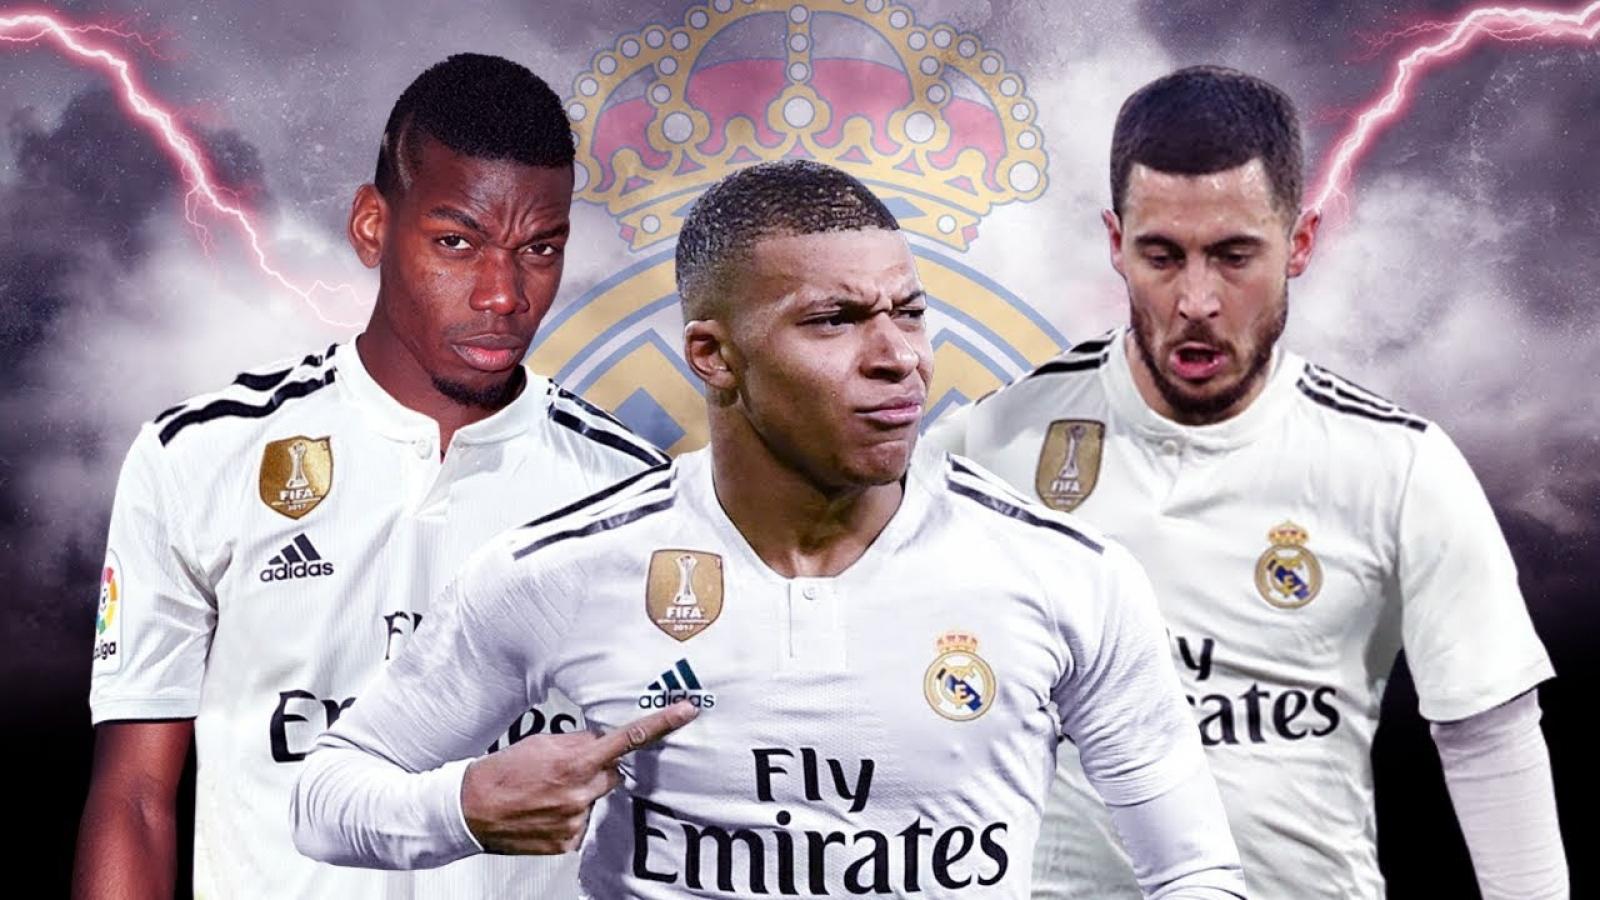 Đội hình Galacticos 3.0 của Real Madrid khiến cả châu Âu phải khiếp sợ